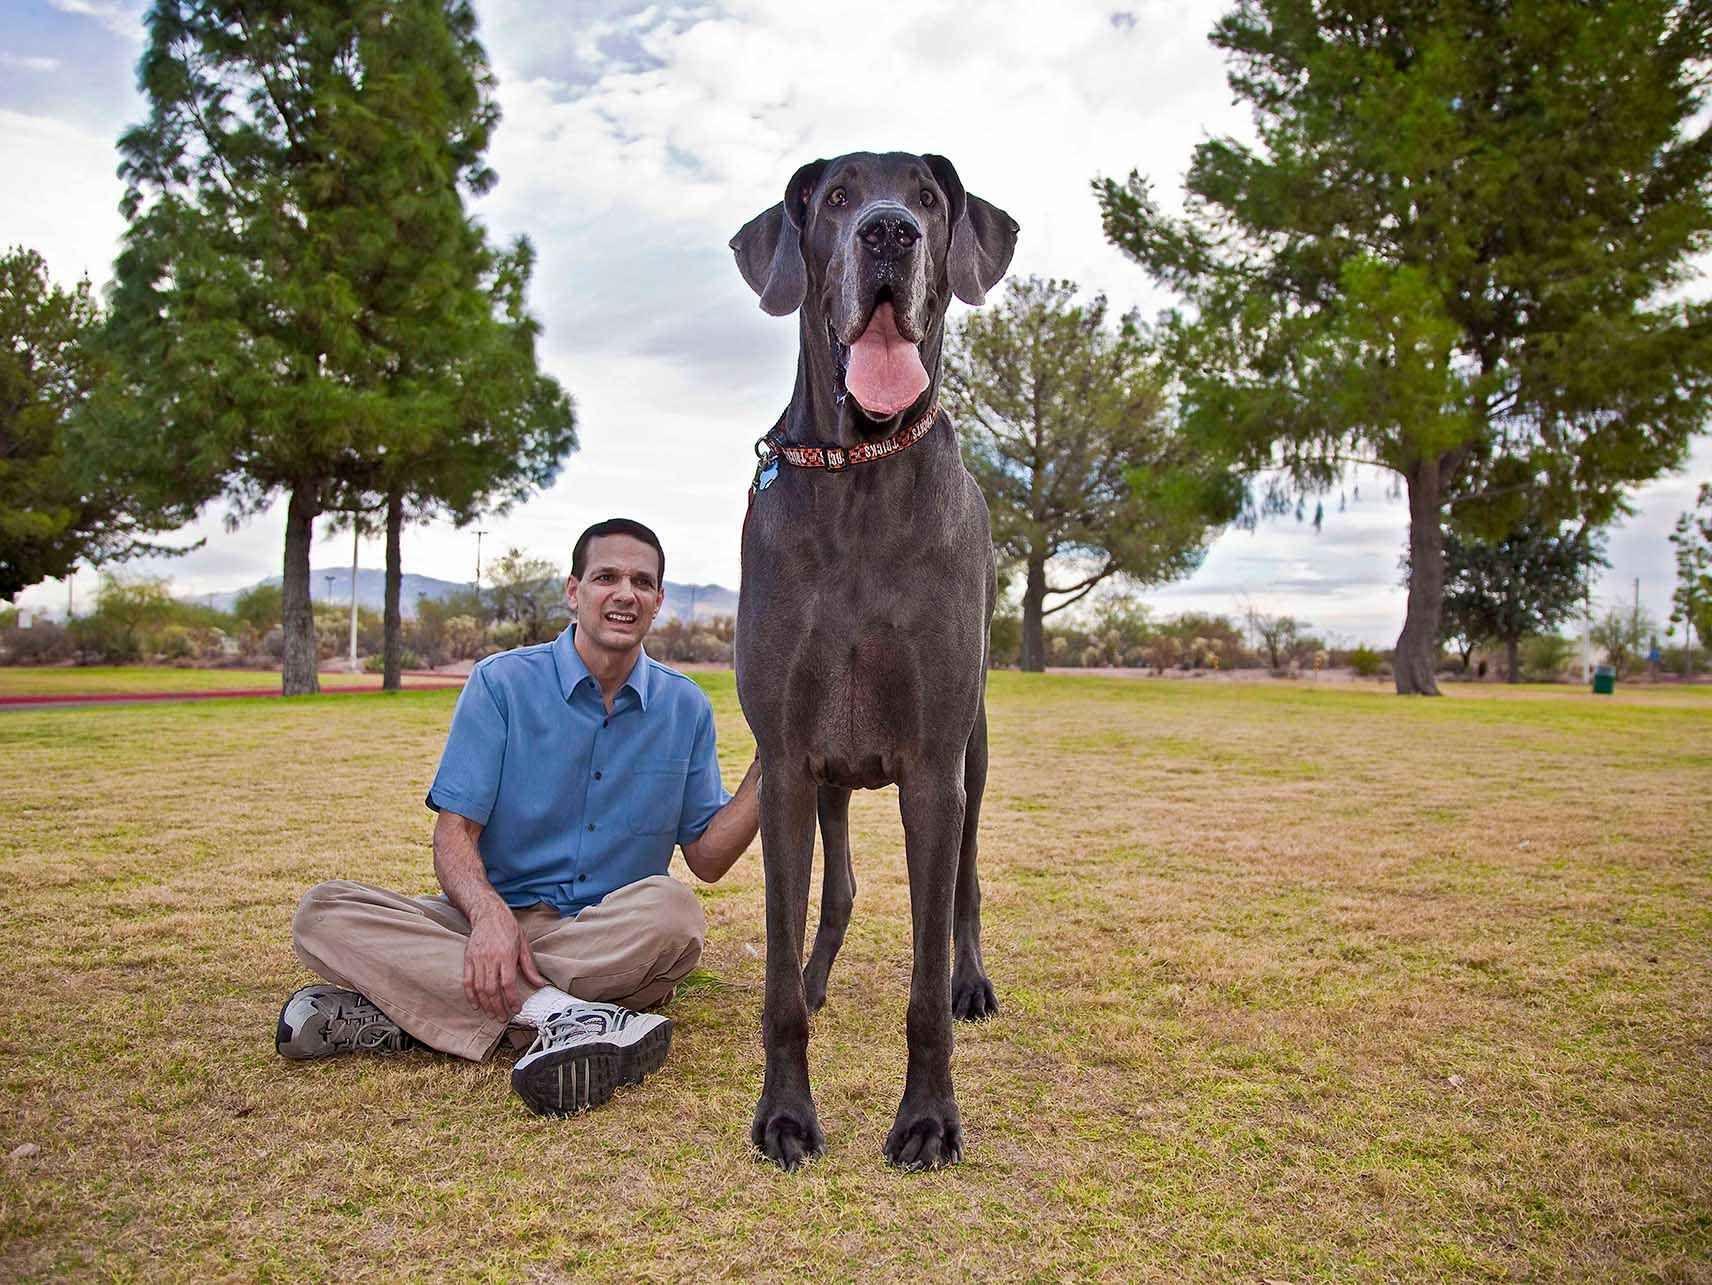 Razas De Perros Grandes Buscar Con Google El Perro Más Grande Del Mundo Caracteristicas De Los Perros Perros Enormes